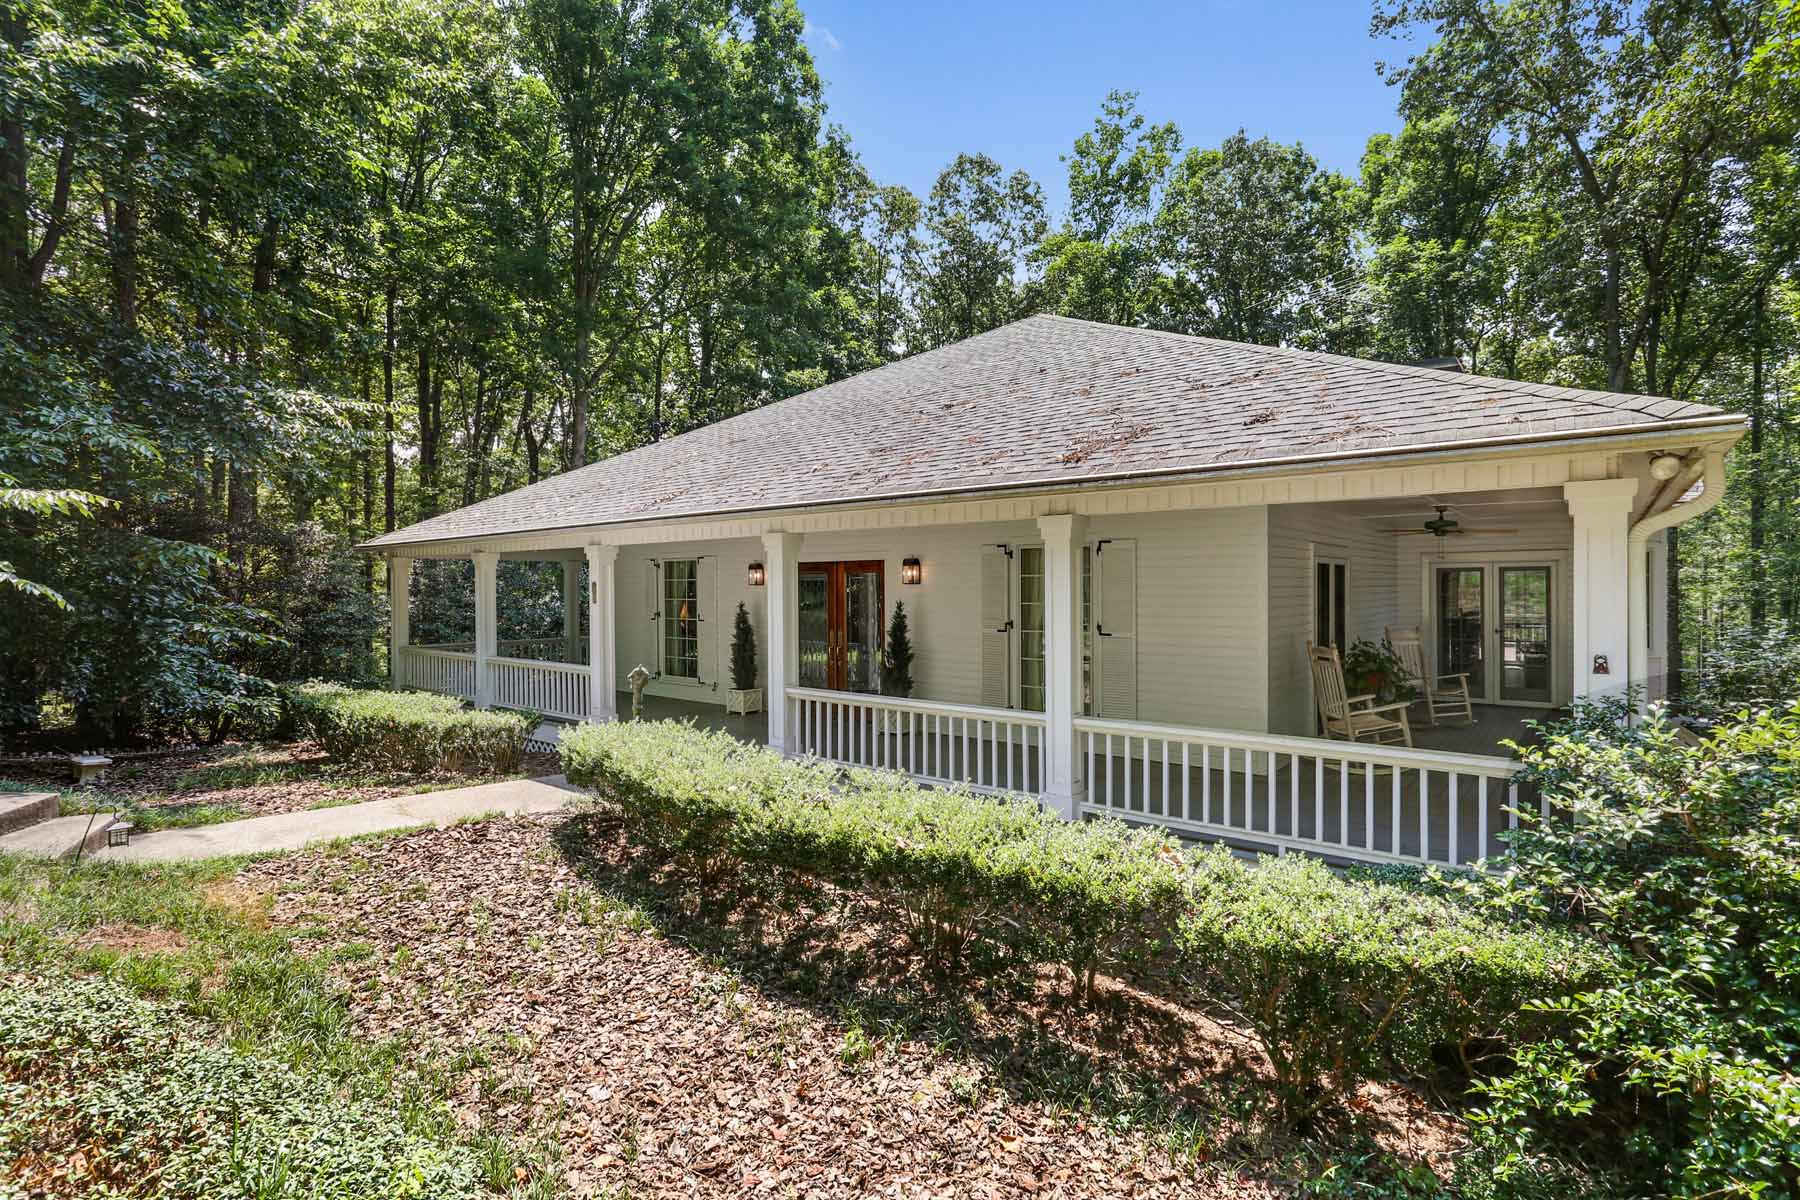 一戸建て のために 売買 アット Equestrian Living in Milton 575 Hickory Flat Road Milton, ジョージア, 30004 アメリカ合衆国